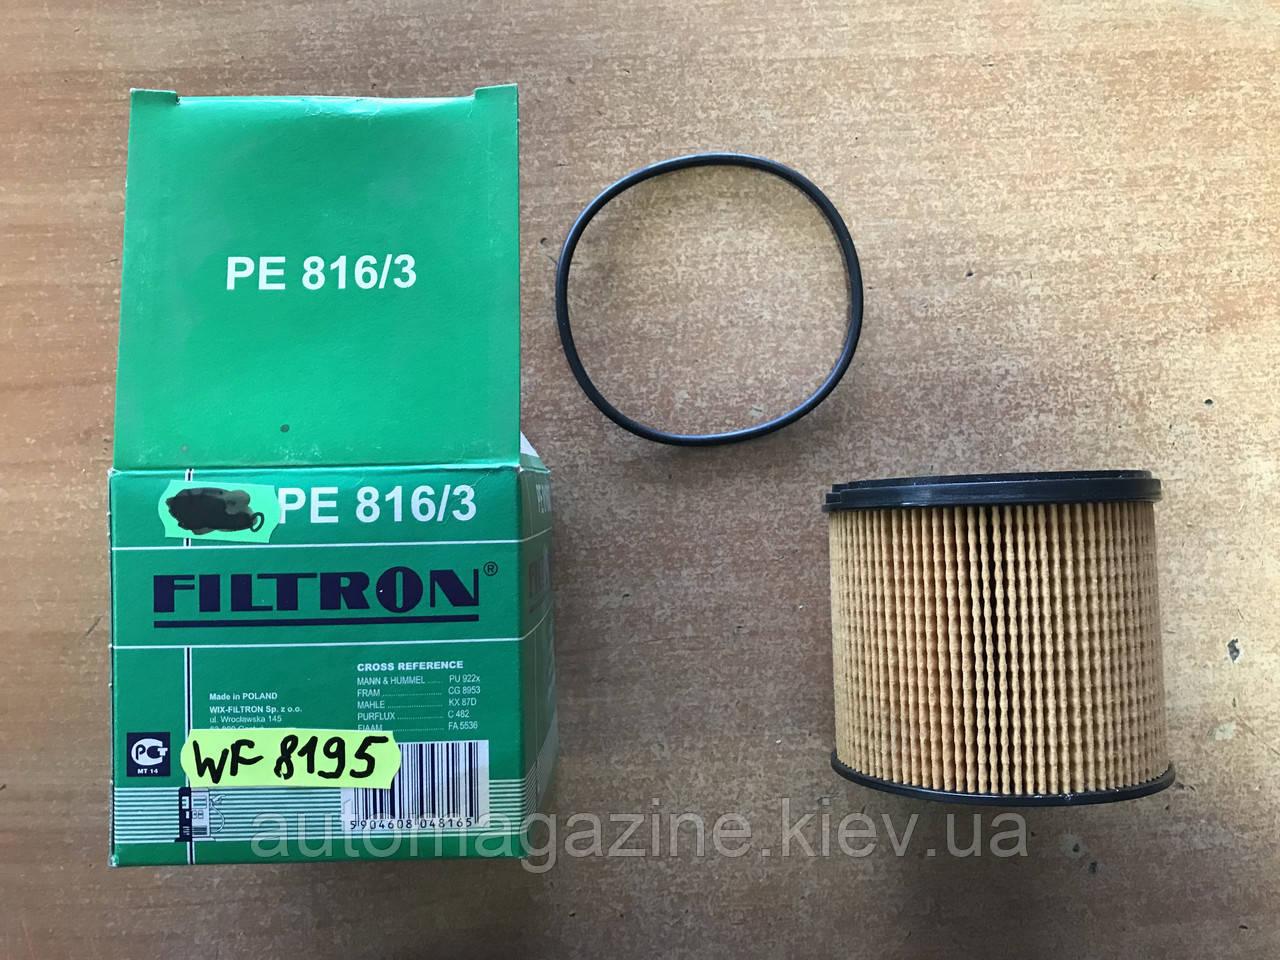 Фильтр топливный WF 8195 (PE816/3)